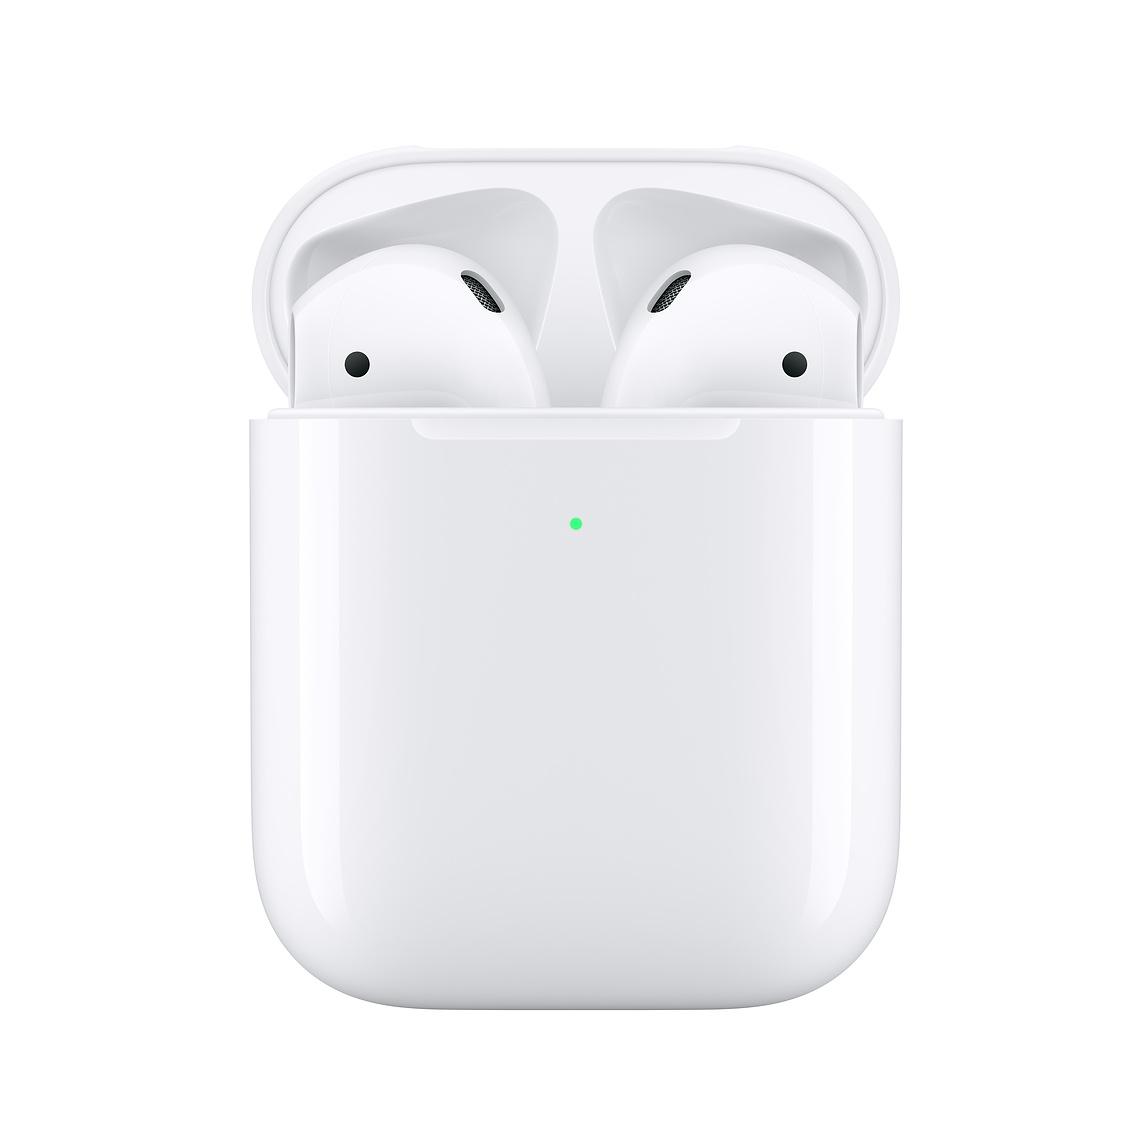 Gli Apple AirPods di seconda generazione